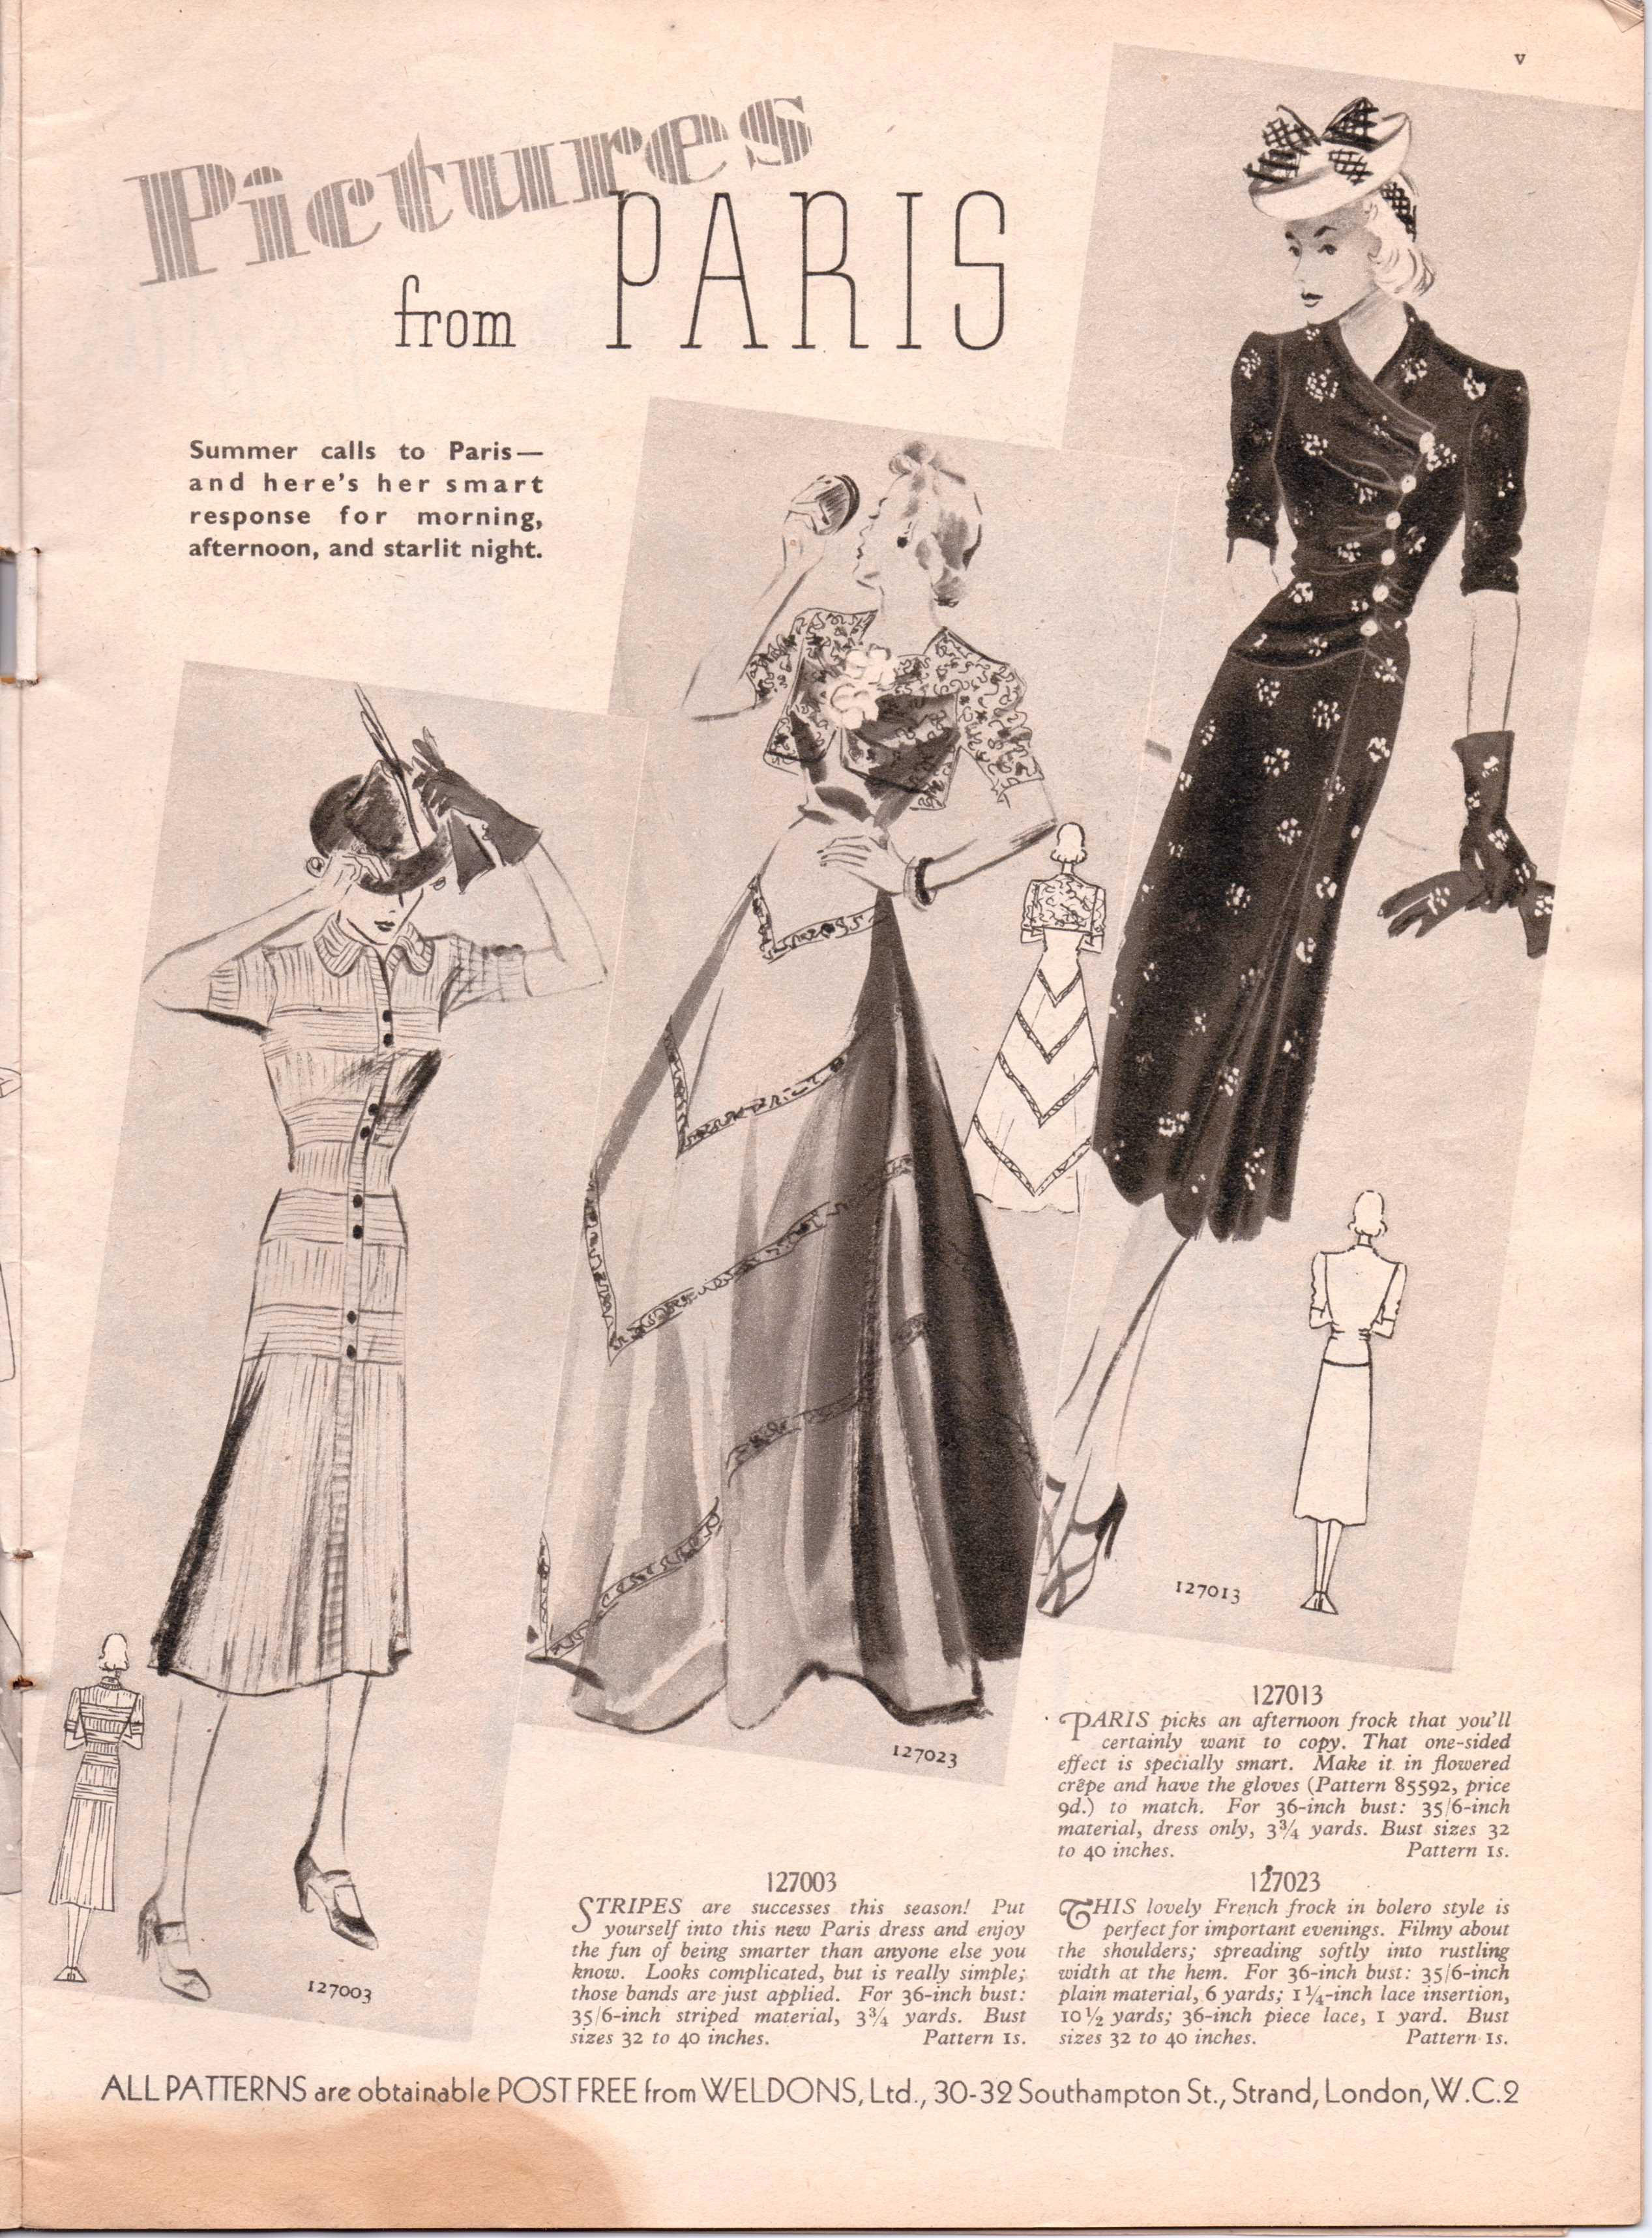 Tities 1938 vintage North